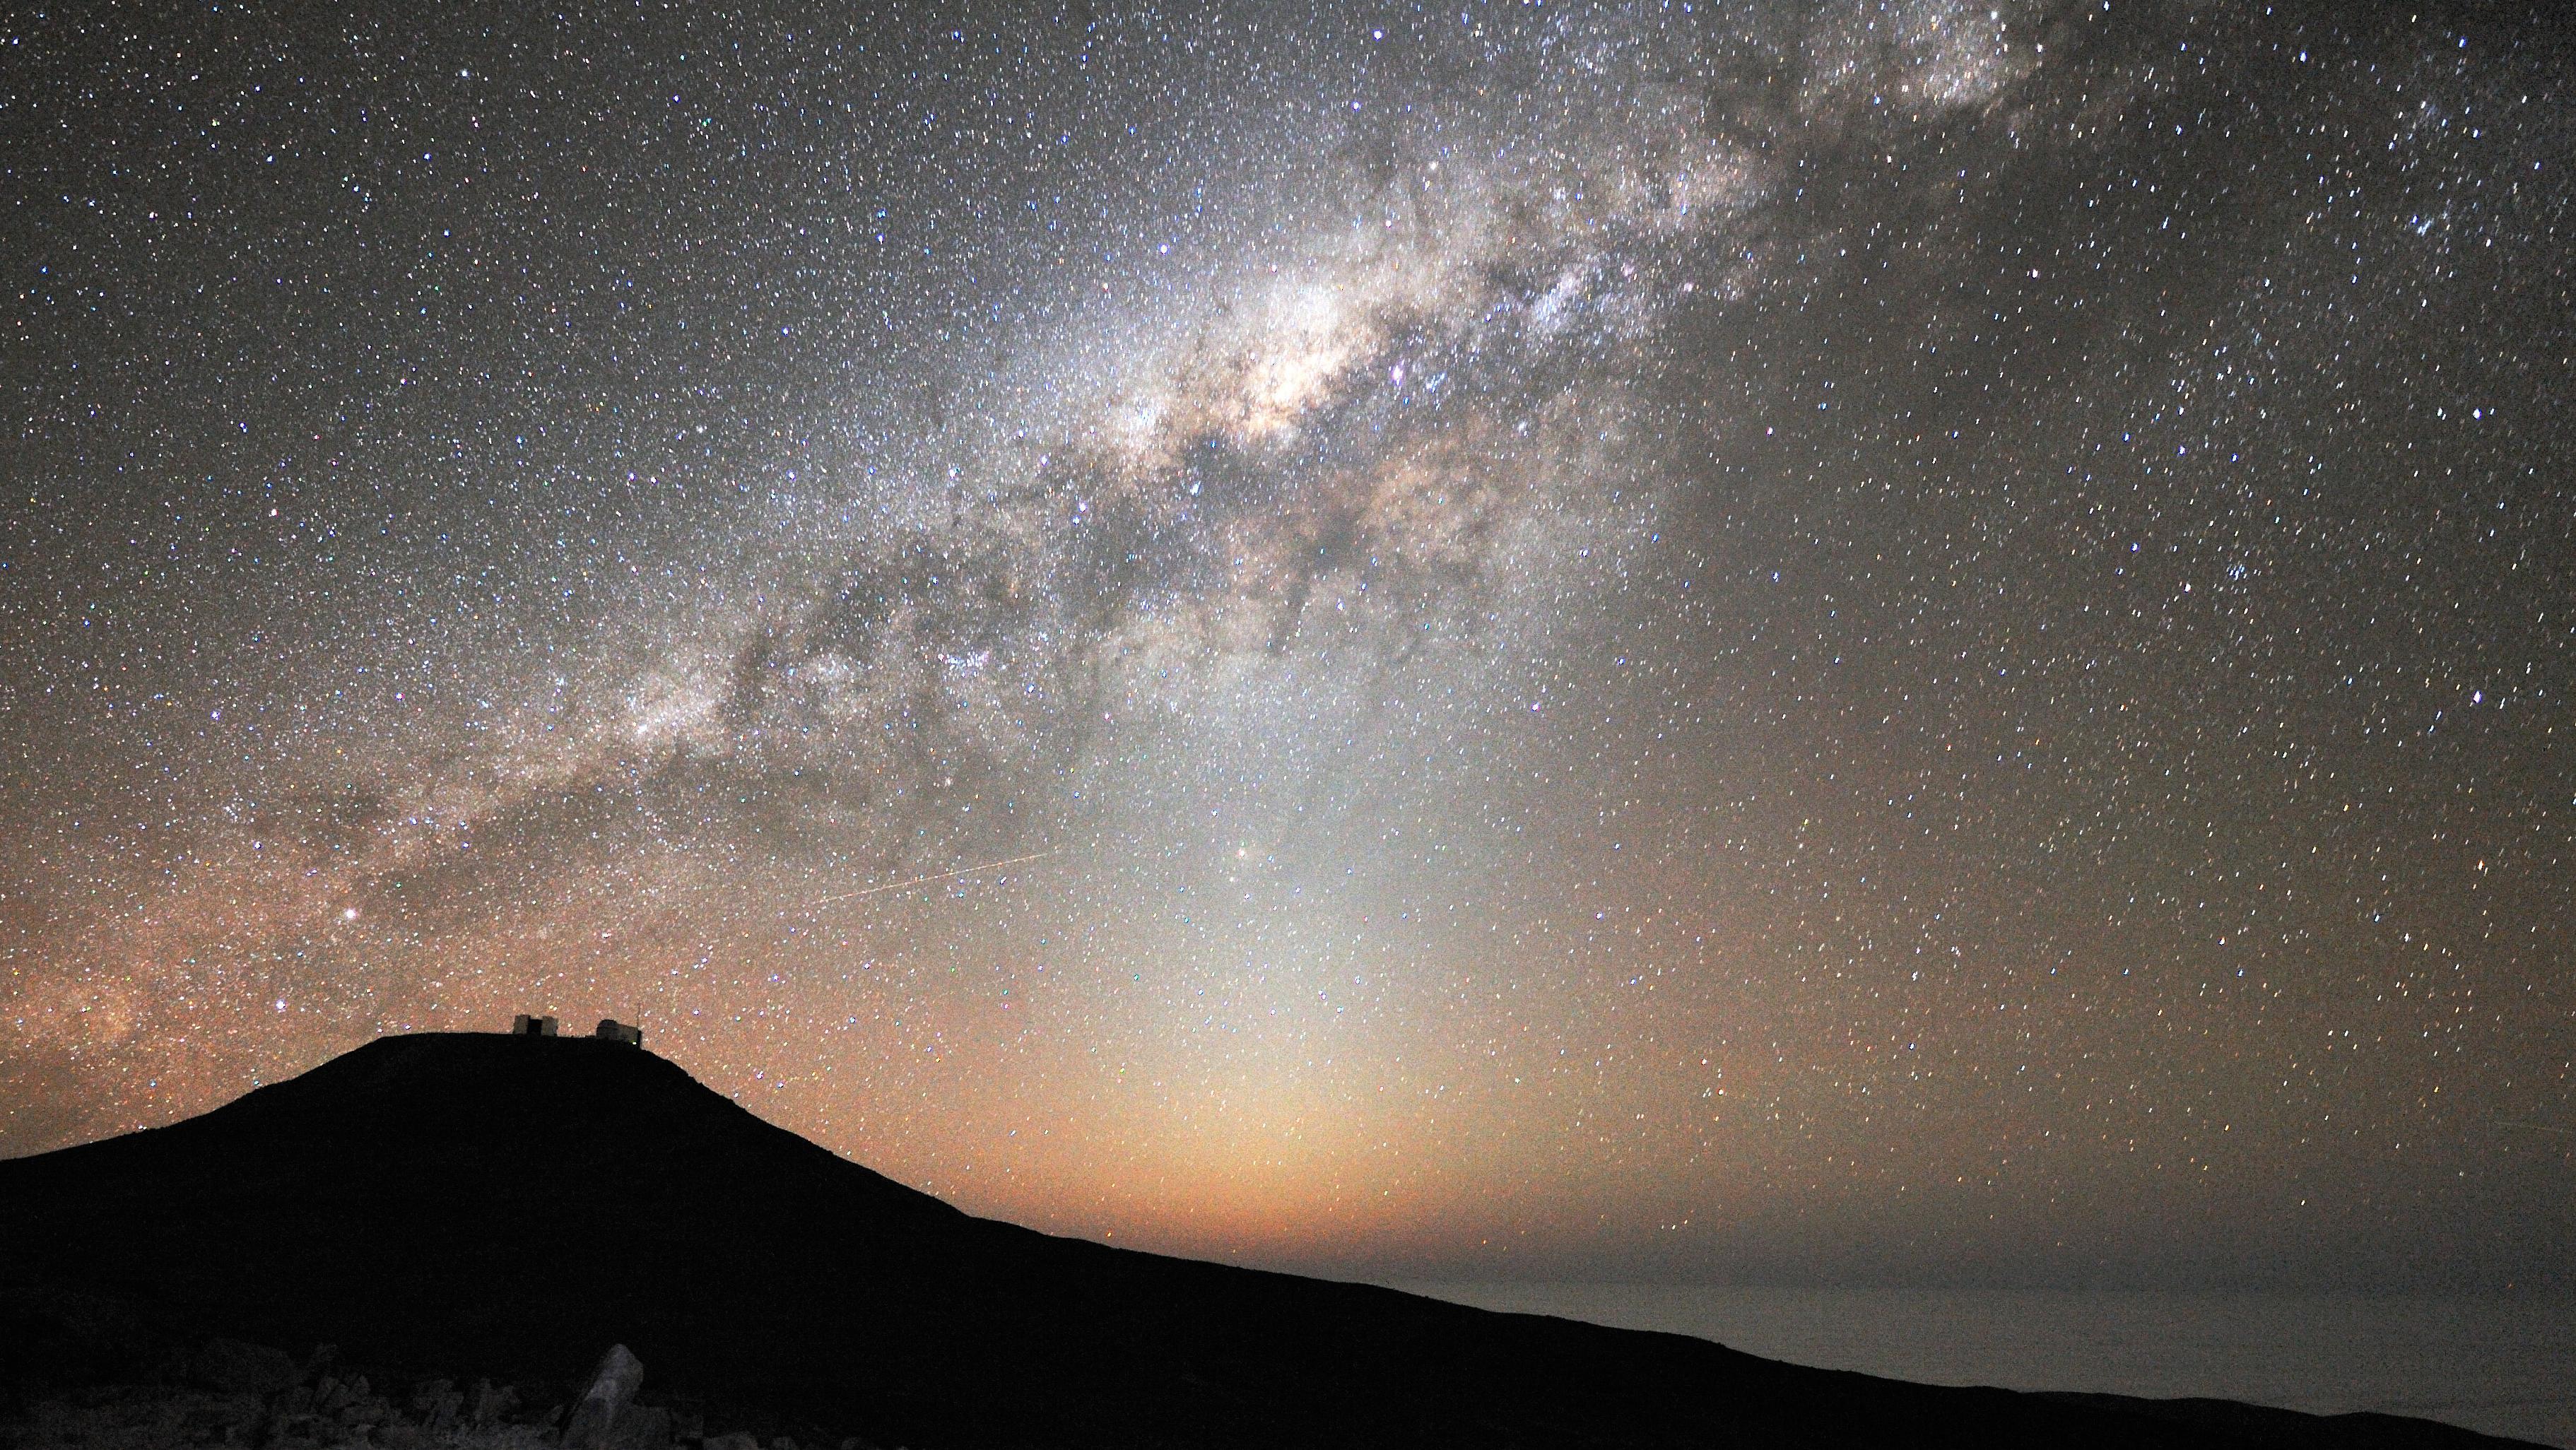 Das Tierkreislicht (Zodiakallicht), aufgenommen mit dem VLT European Southern Observatory in Paranal